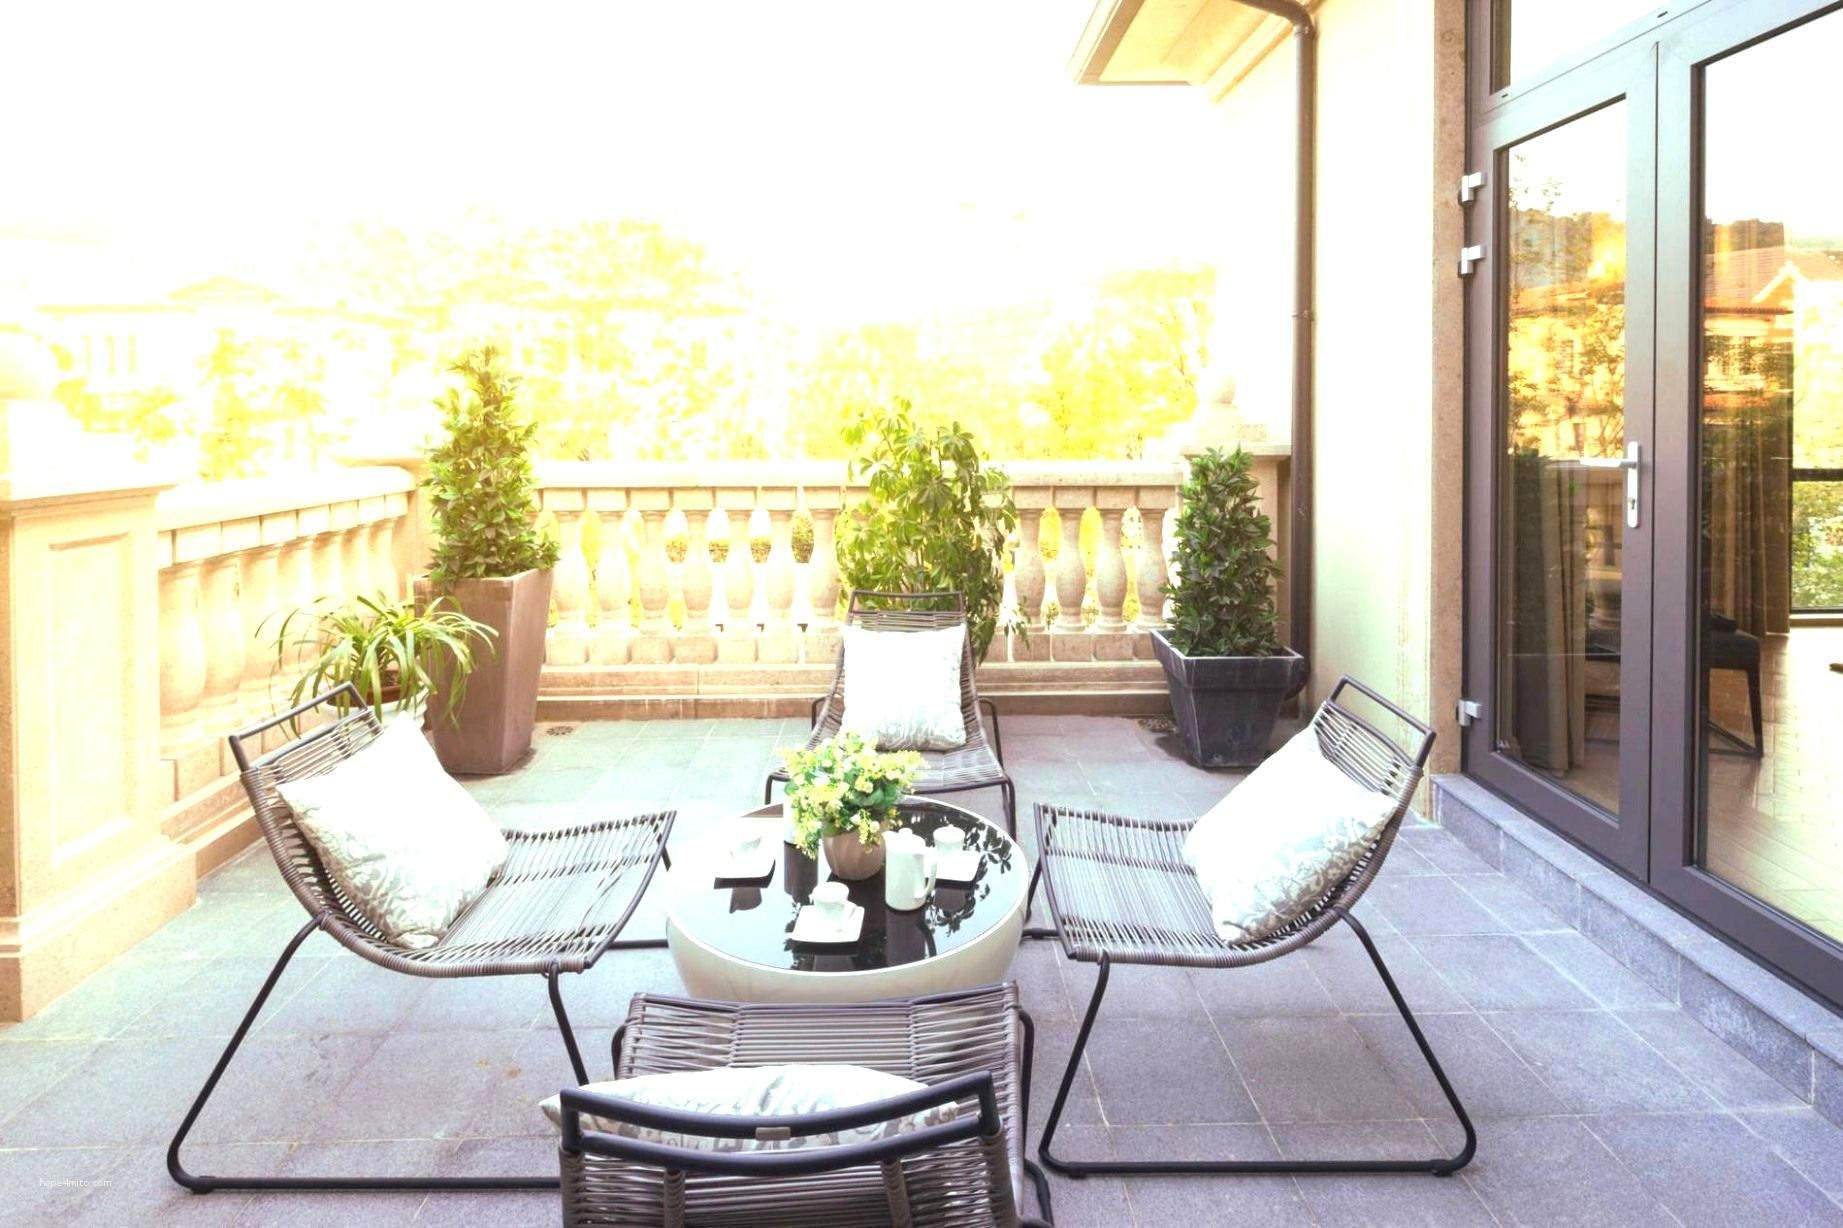 Balkon Einrichten Schön Wohnzimmer Gestalten Tipps Inspirierend 35 Inspirierend